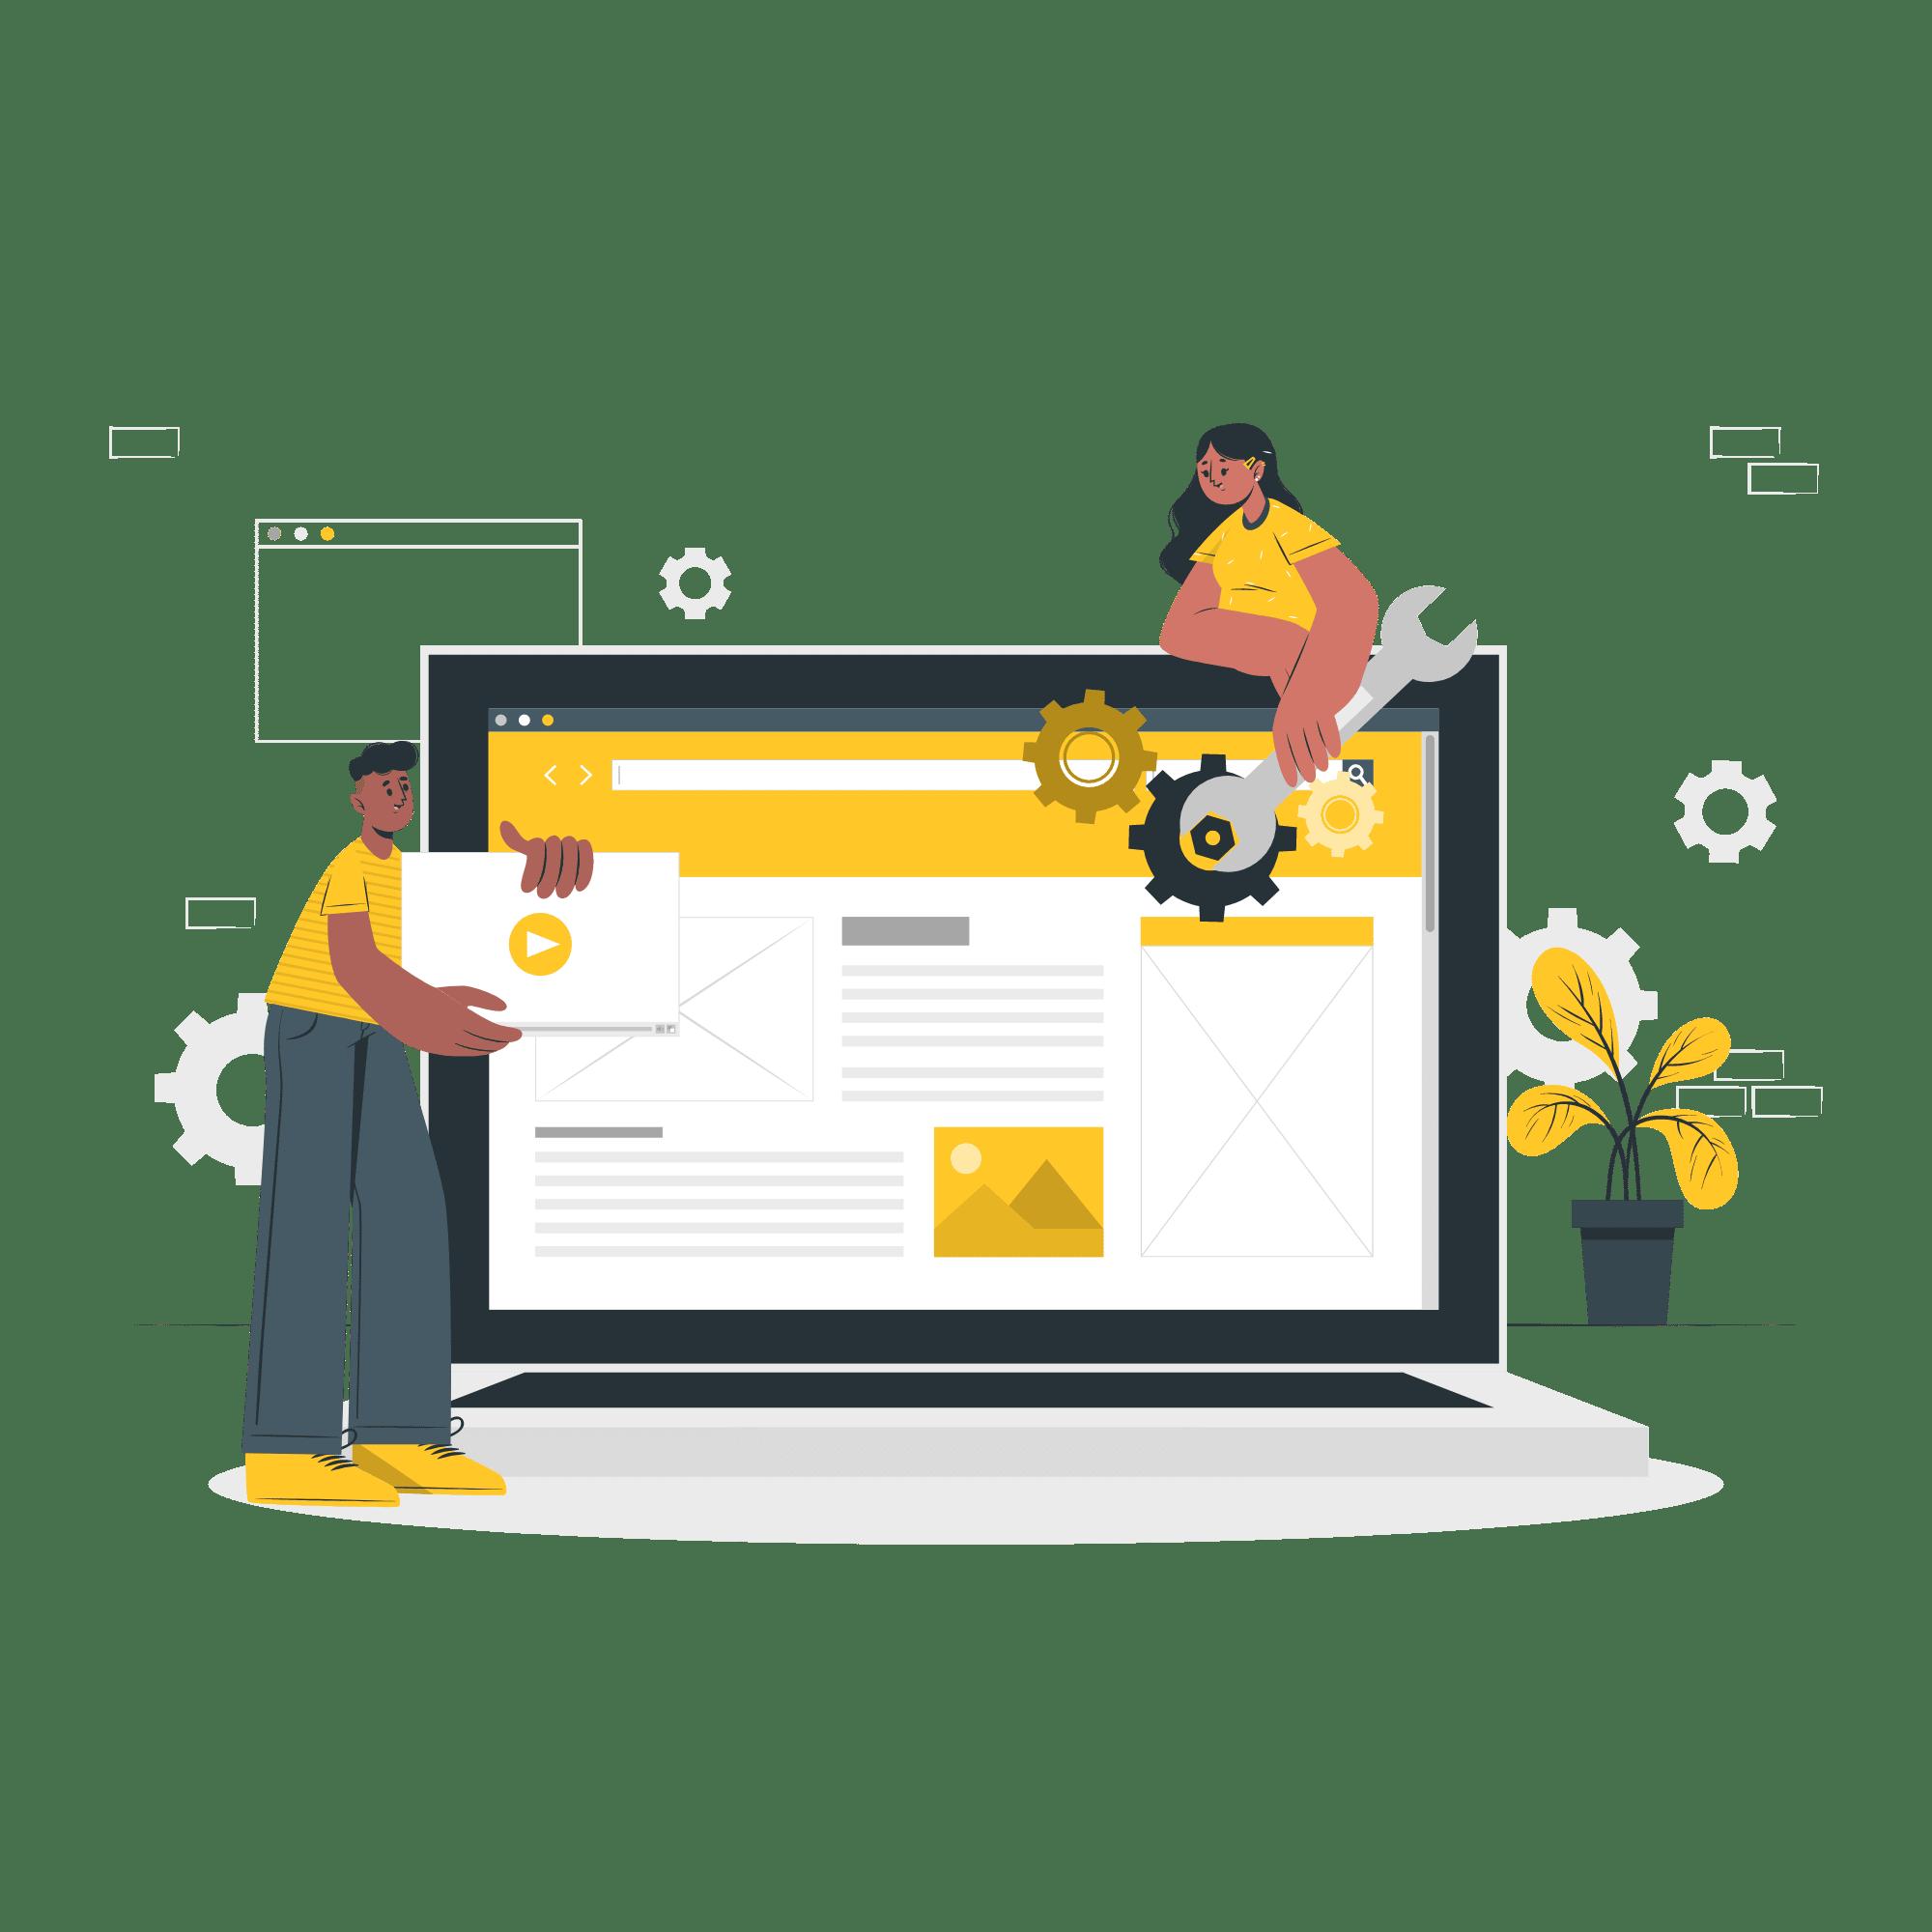 38 ایدۀ جذاب طراحی سایت که باعث می شود مردم رو آن کلیک کنند - قسمت دوم